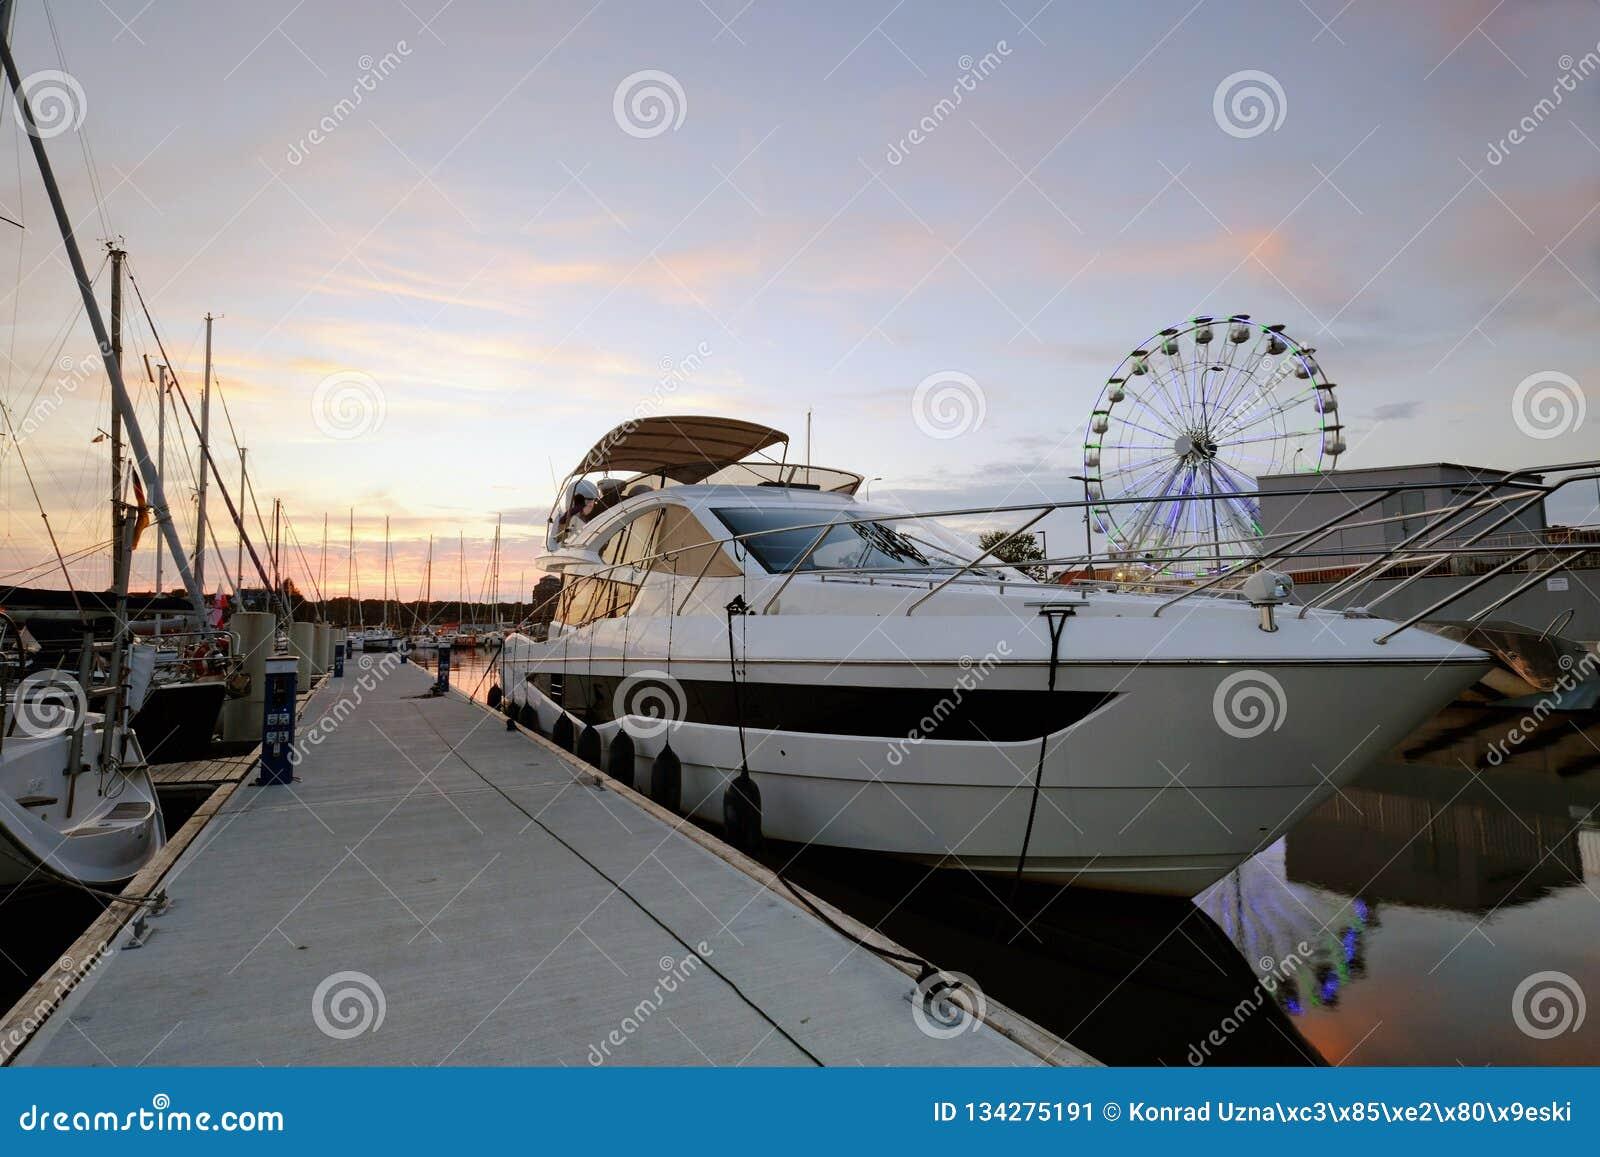 汽船被停泊在游艇港口,科沃布热格,波兰